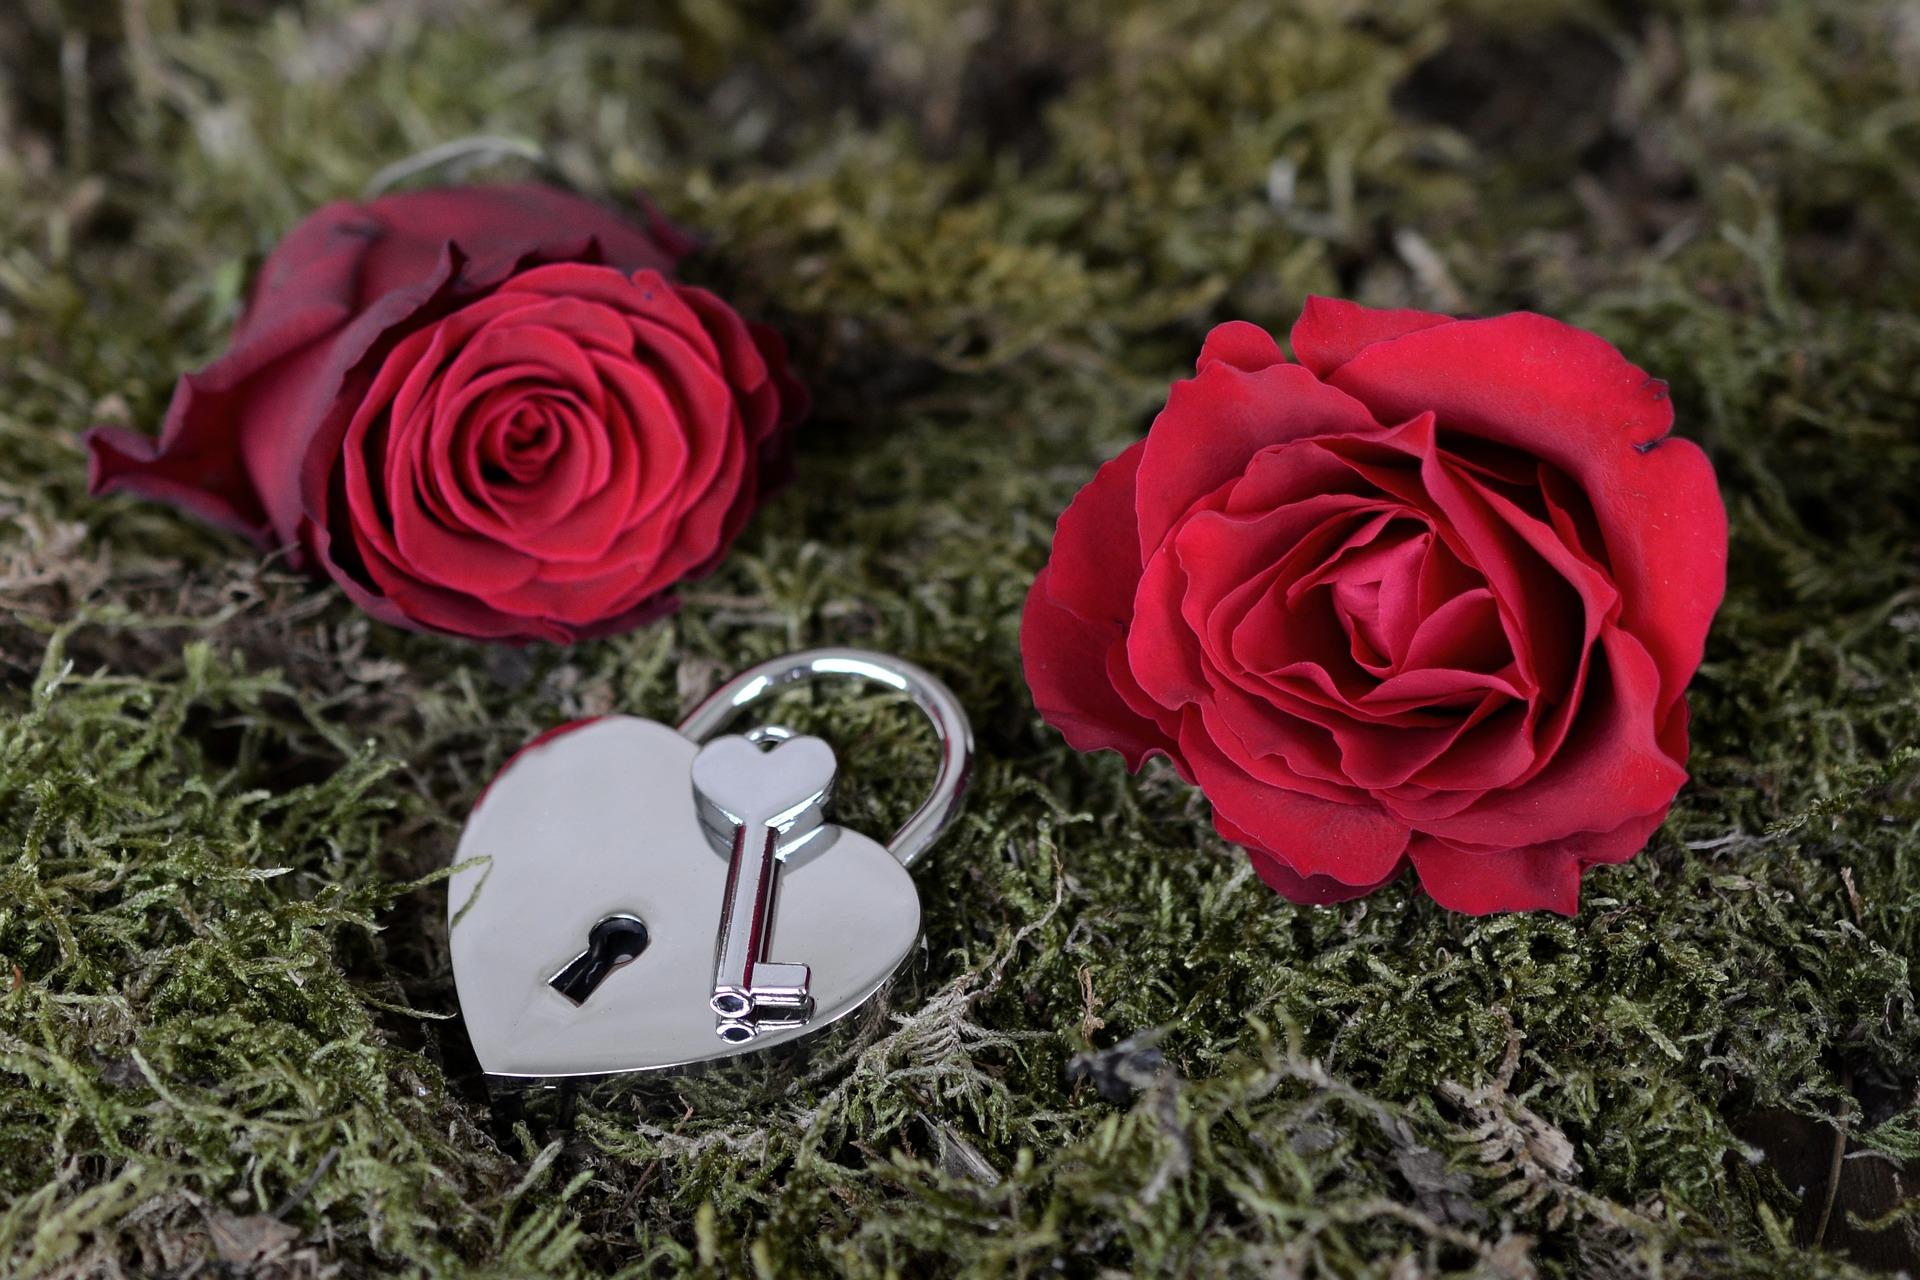 rose-2321513_1920